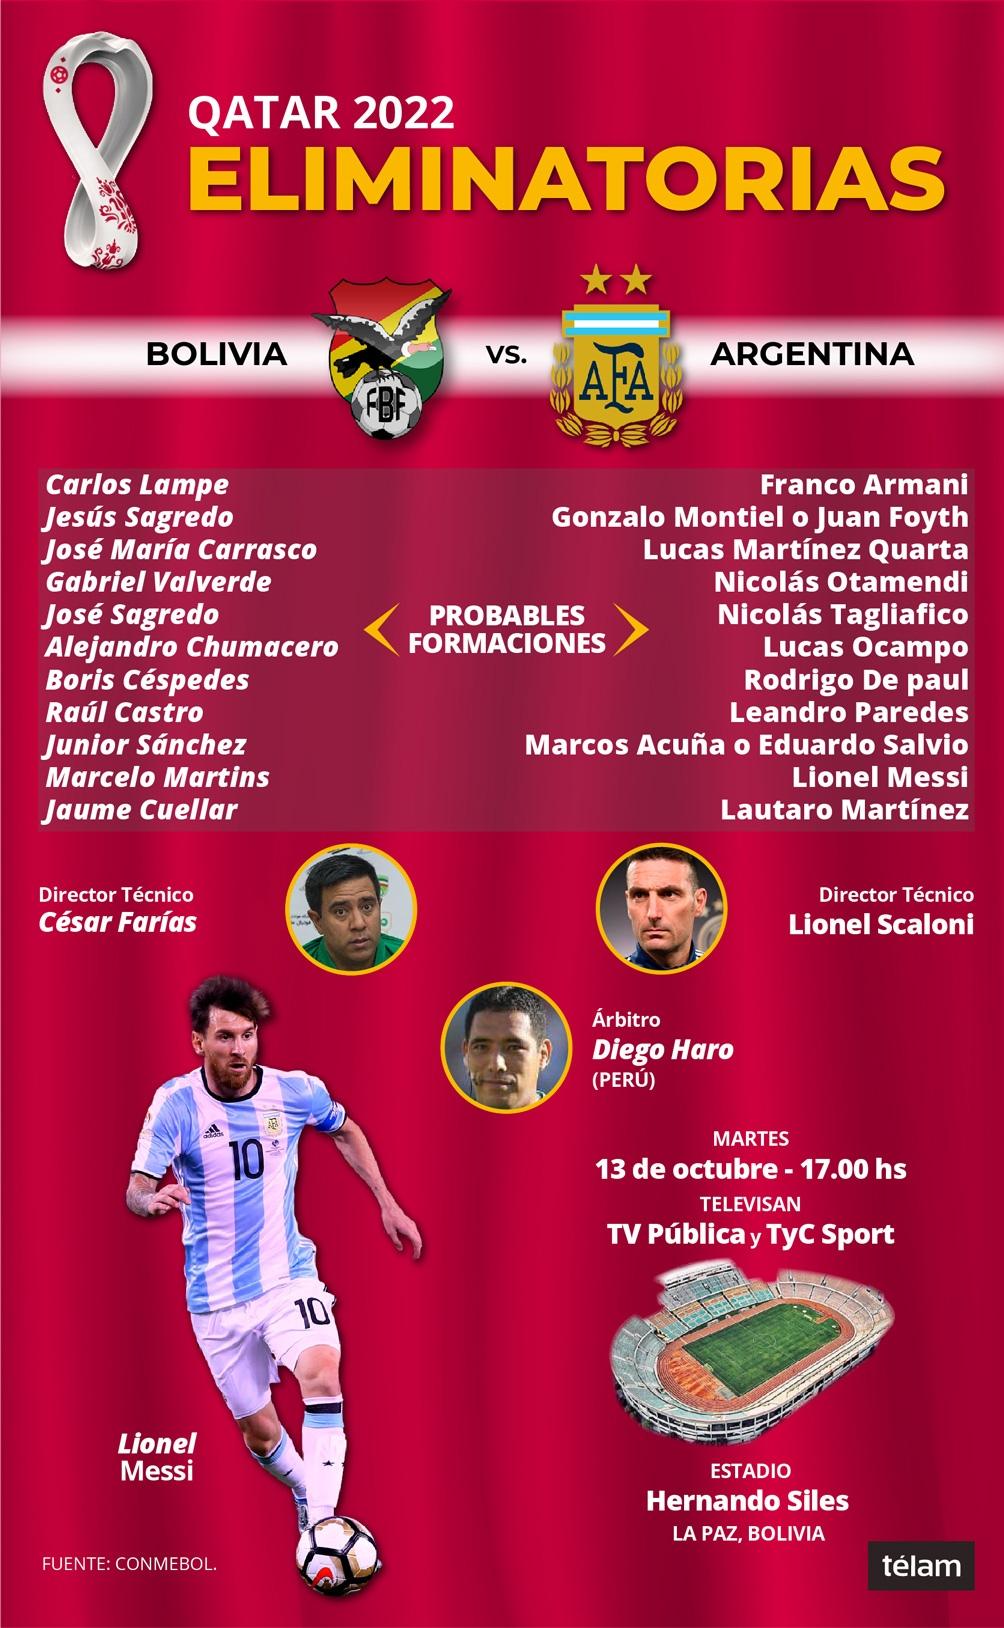 Argentina visita a Bolivia en la altura de La Paz con la idea de despejar  dudas - Télam - Agencia Nacional de Noticias